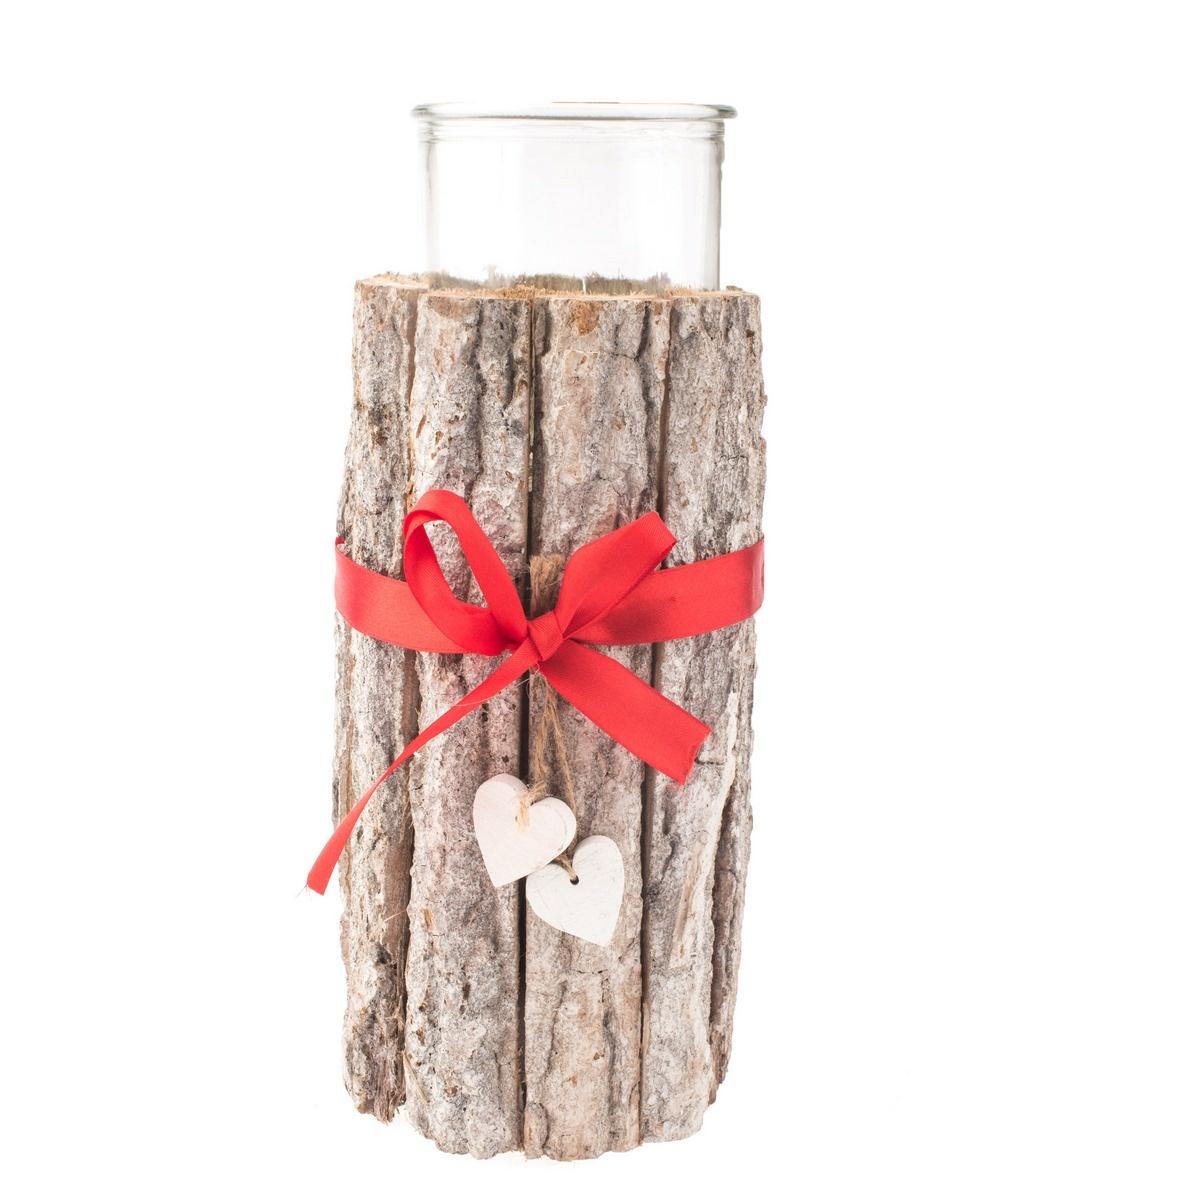 Vánoční dřevěný svícen se sklem, 12 x 25 cm